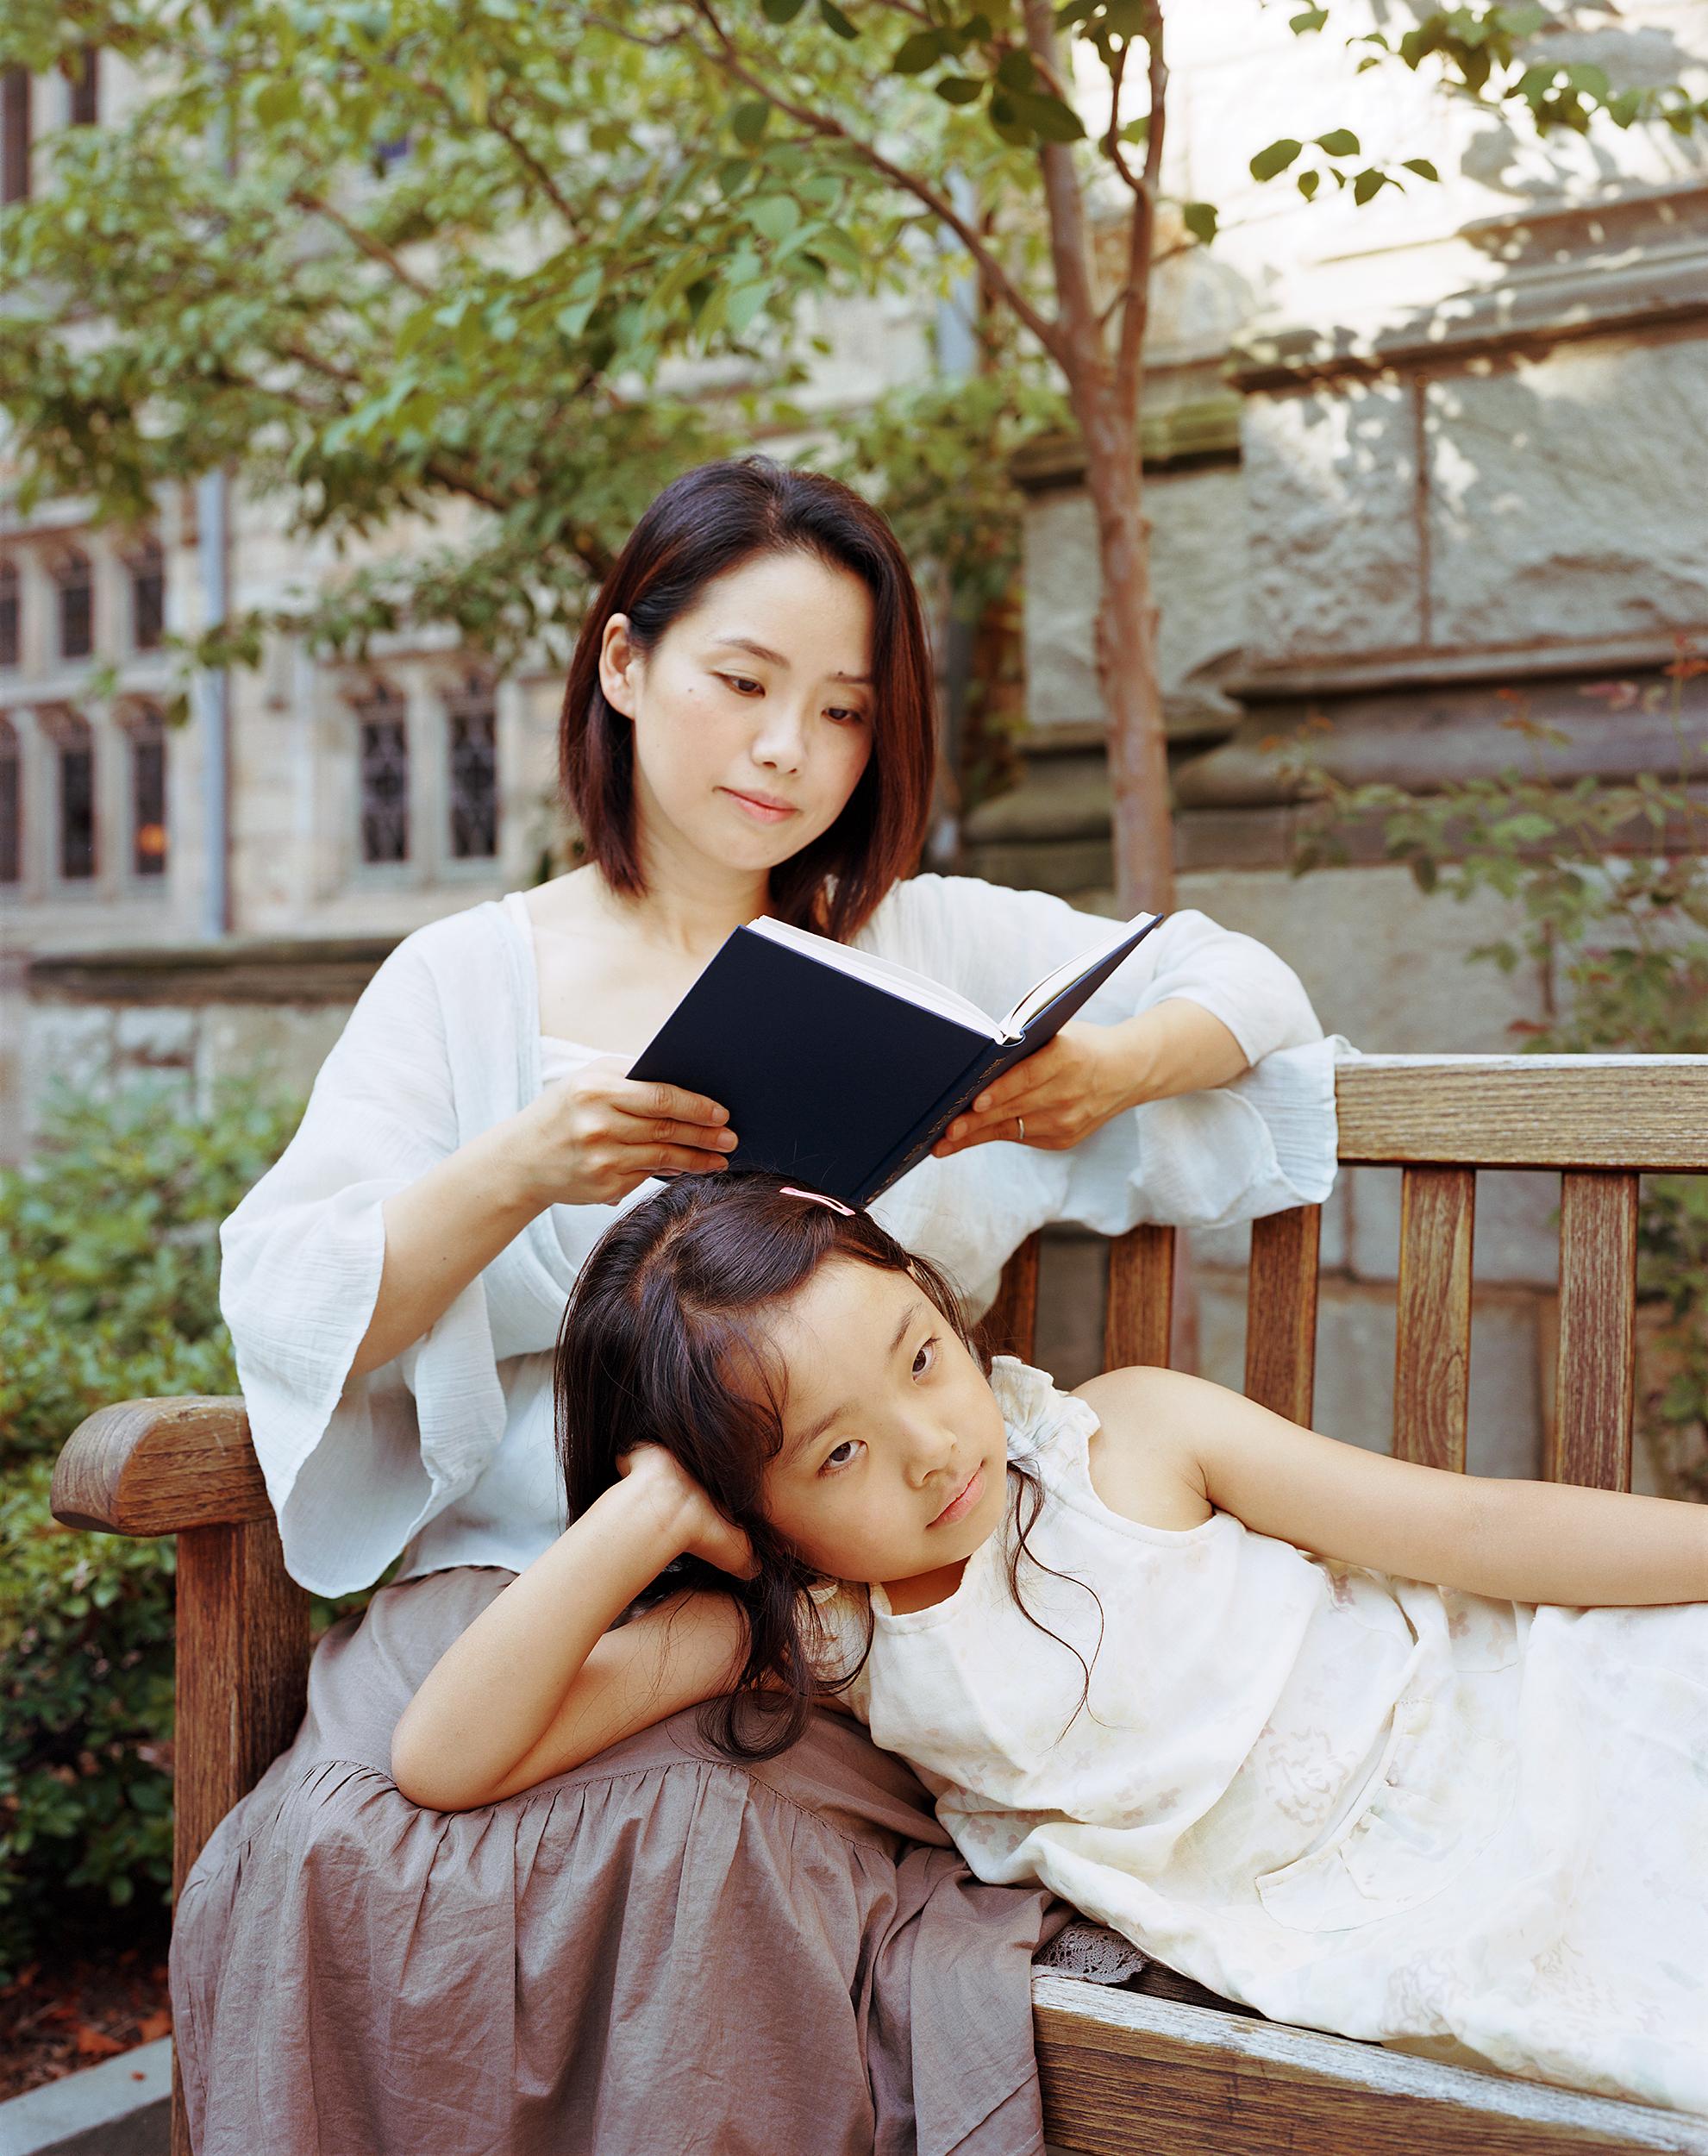 Naomi and Erika, 2009